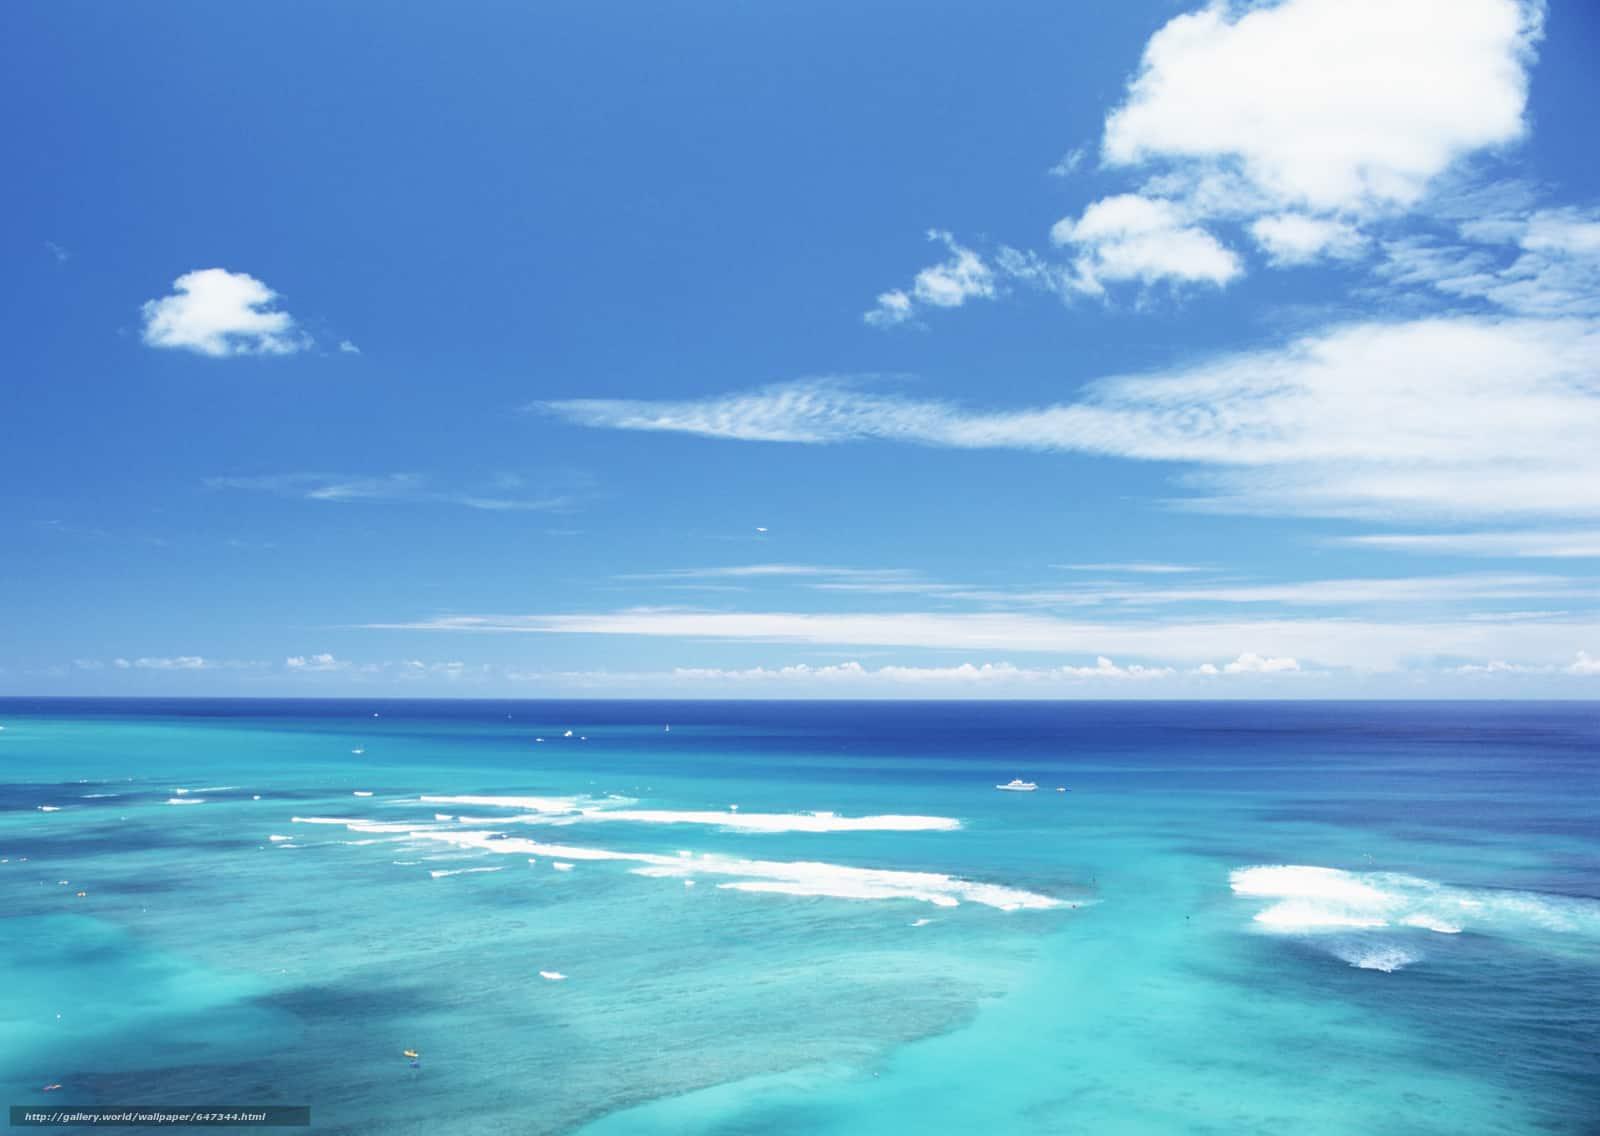 تفسير رؤية البحر الهادئ في المنام للعزباء موسوعة